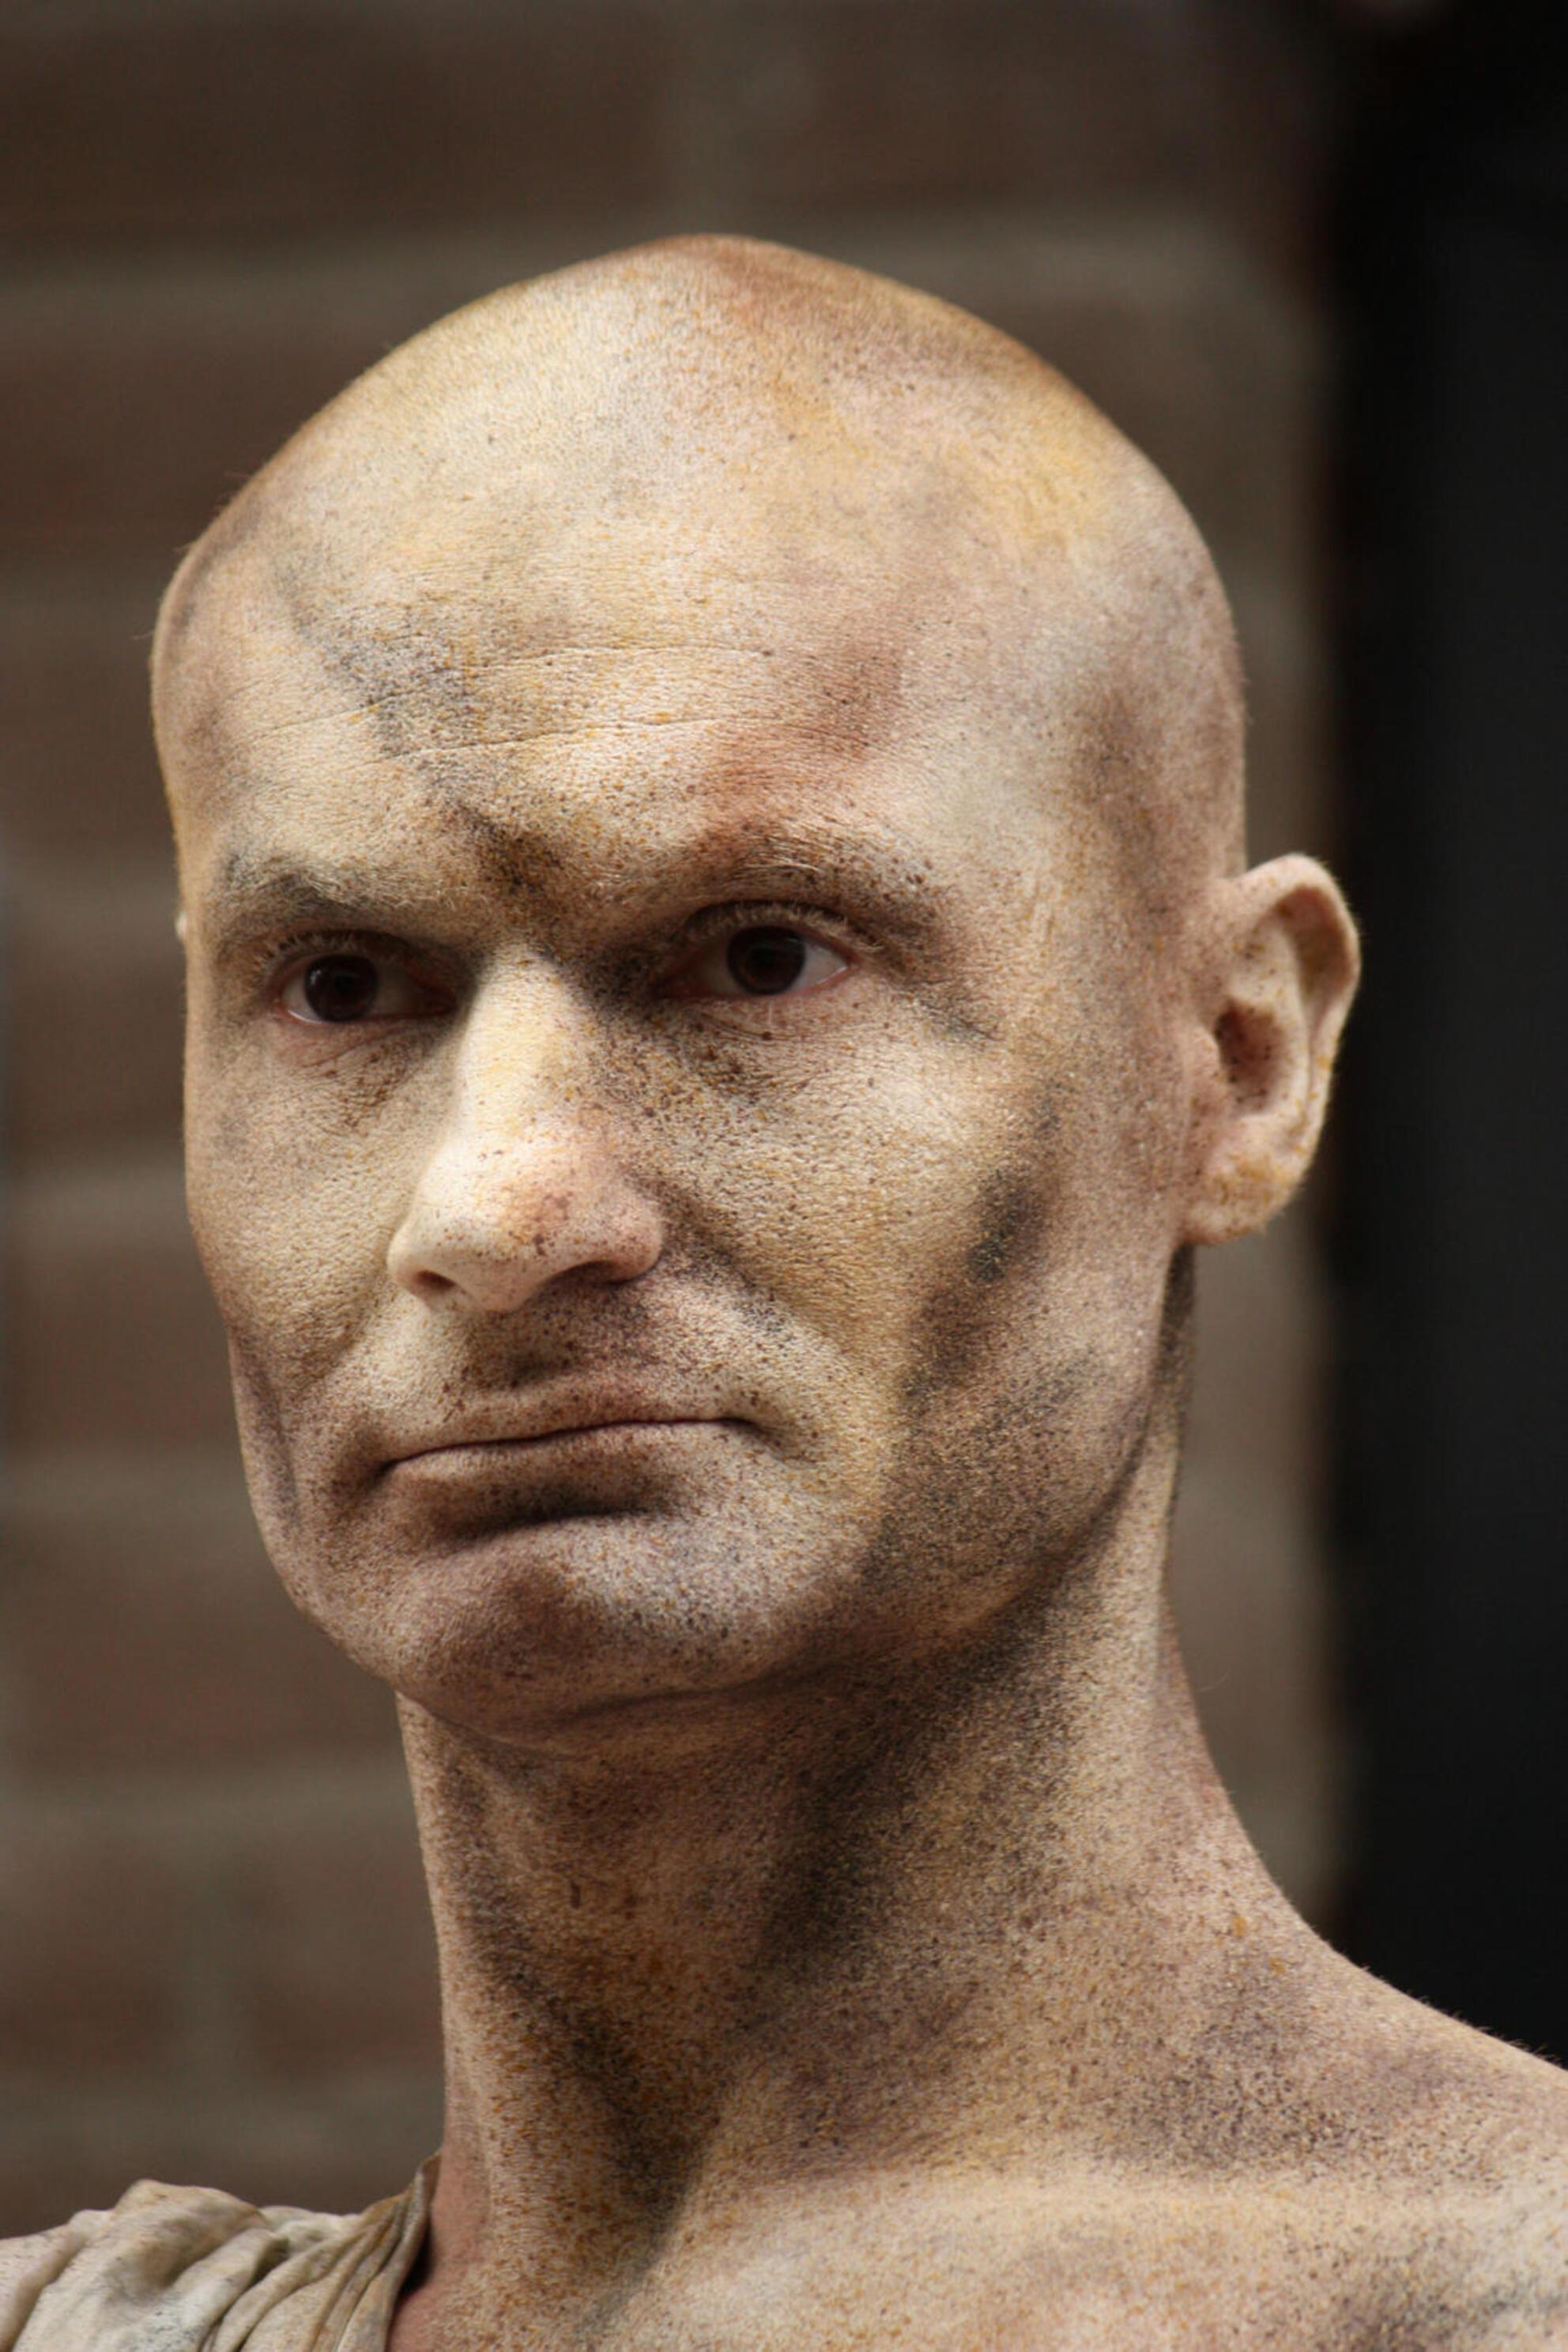 hoofd - - - foto door ukkie-uk op 30-08-2009 - deze foto bevat: living statues arnhem